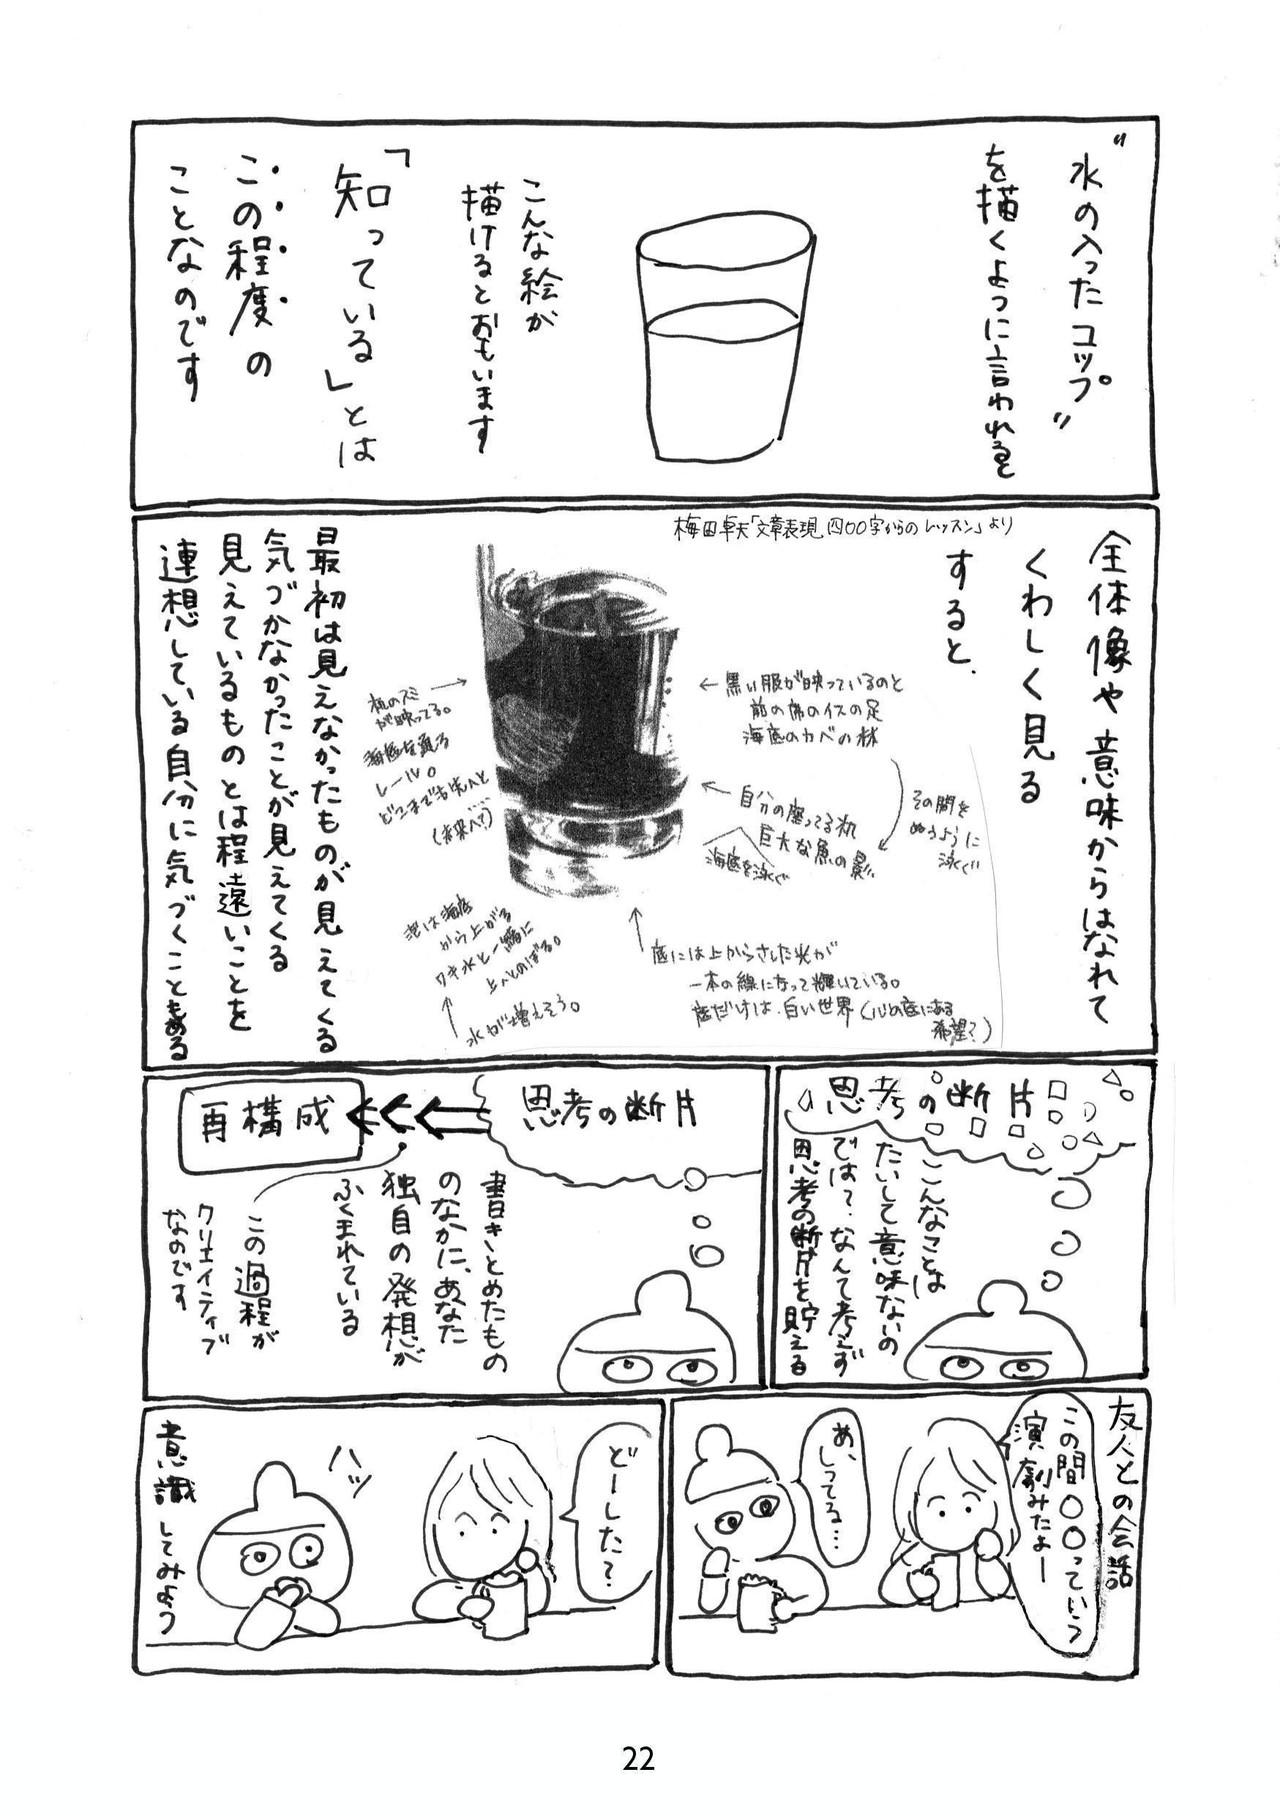 思考の断片描写から文章への課題については、梅田卓夫著「文章表現400字からのレッスン」より出典